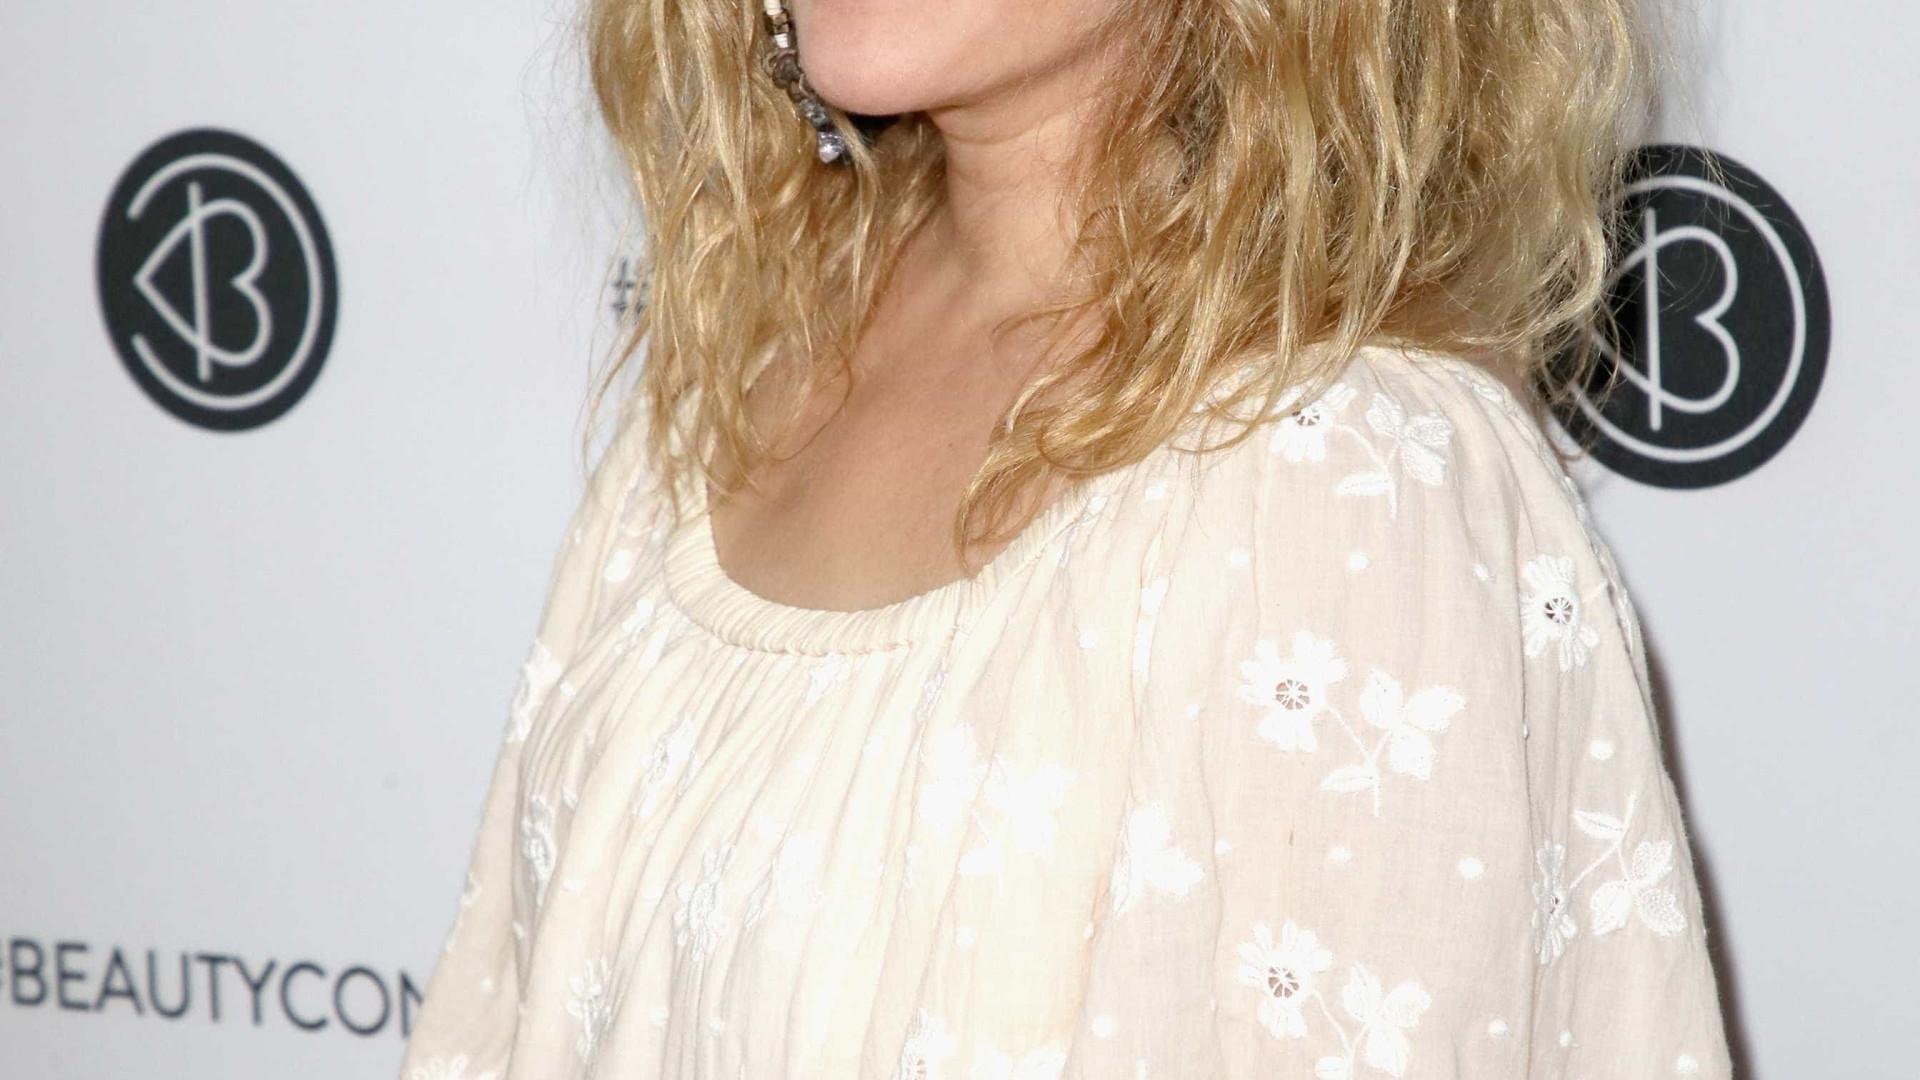 Revista egípcia publica entrevista 'sem sentido' com Drew Barrymore